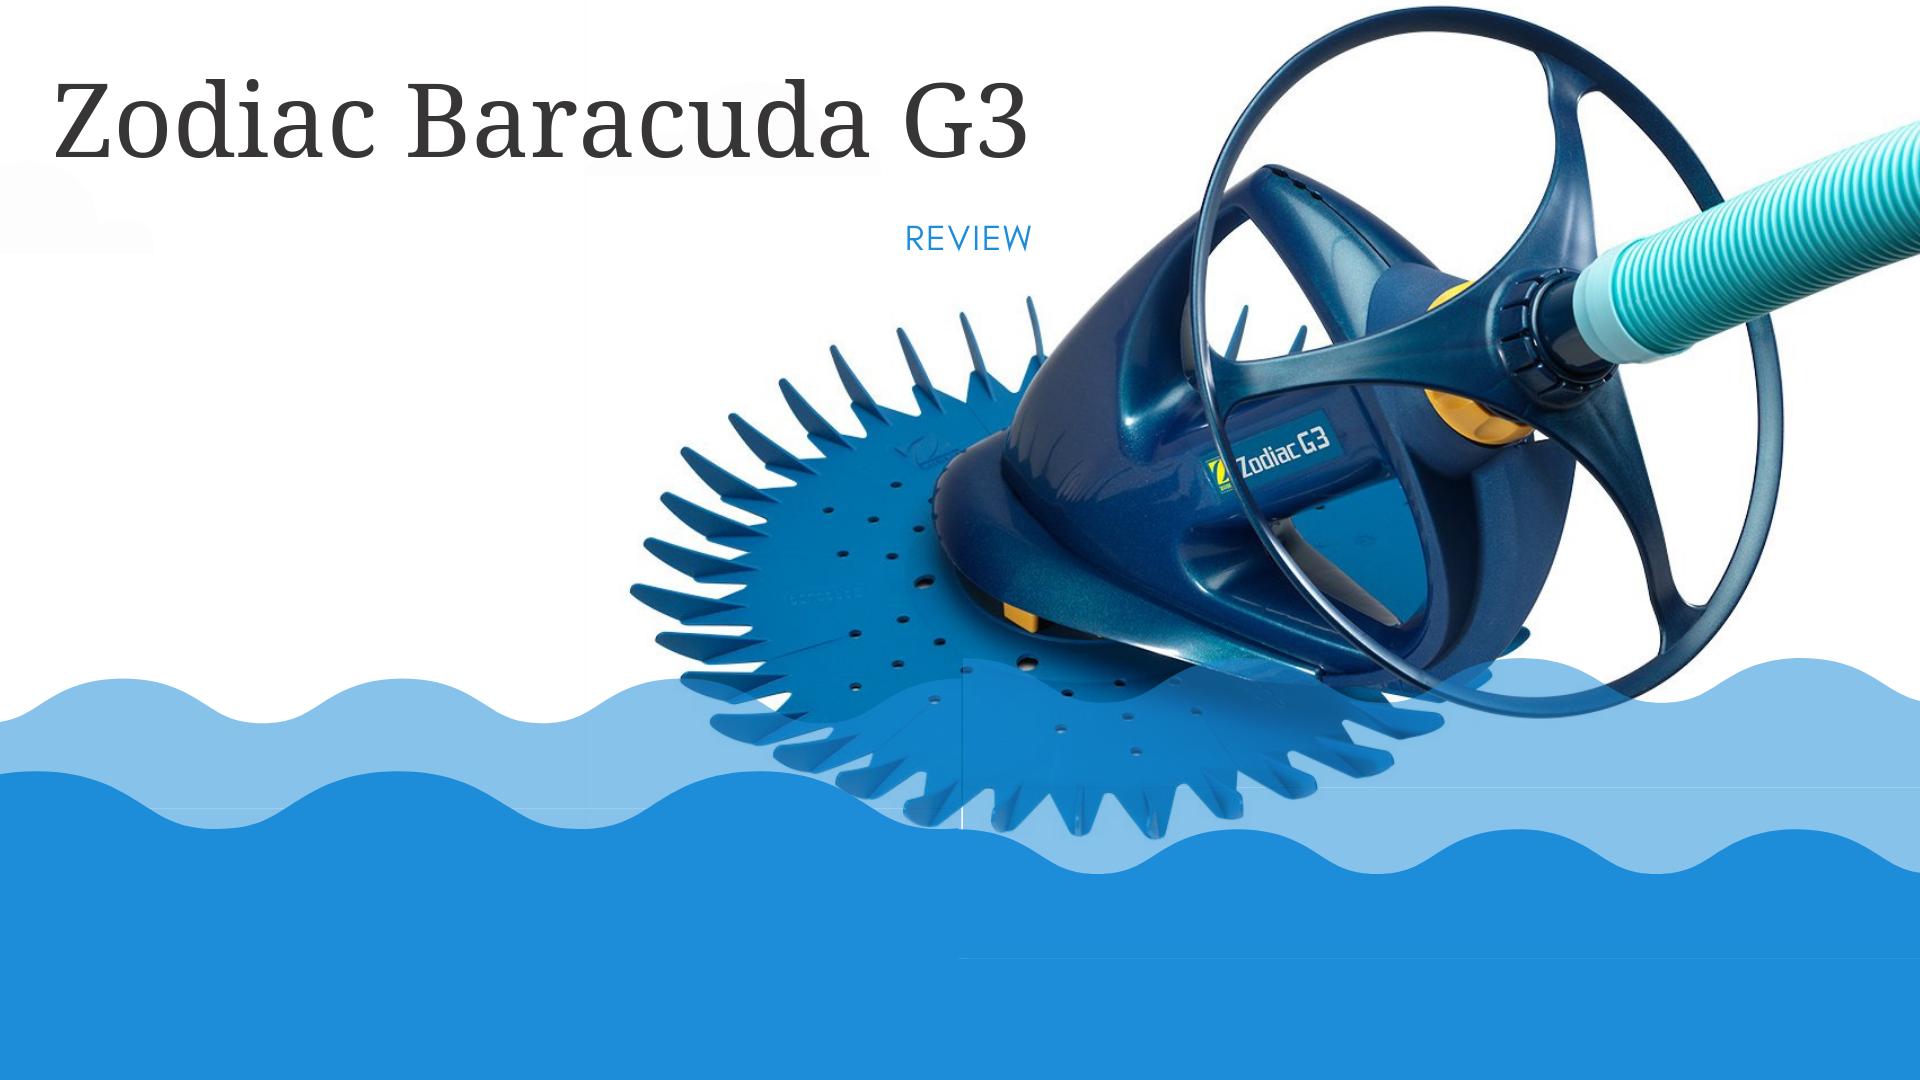 Zodiac Baracuda G3